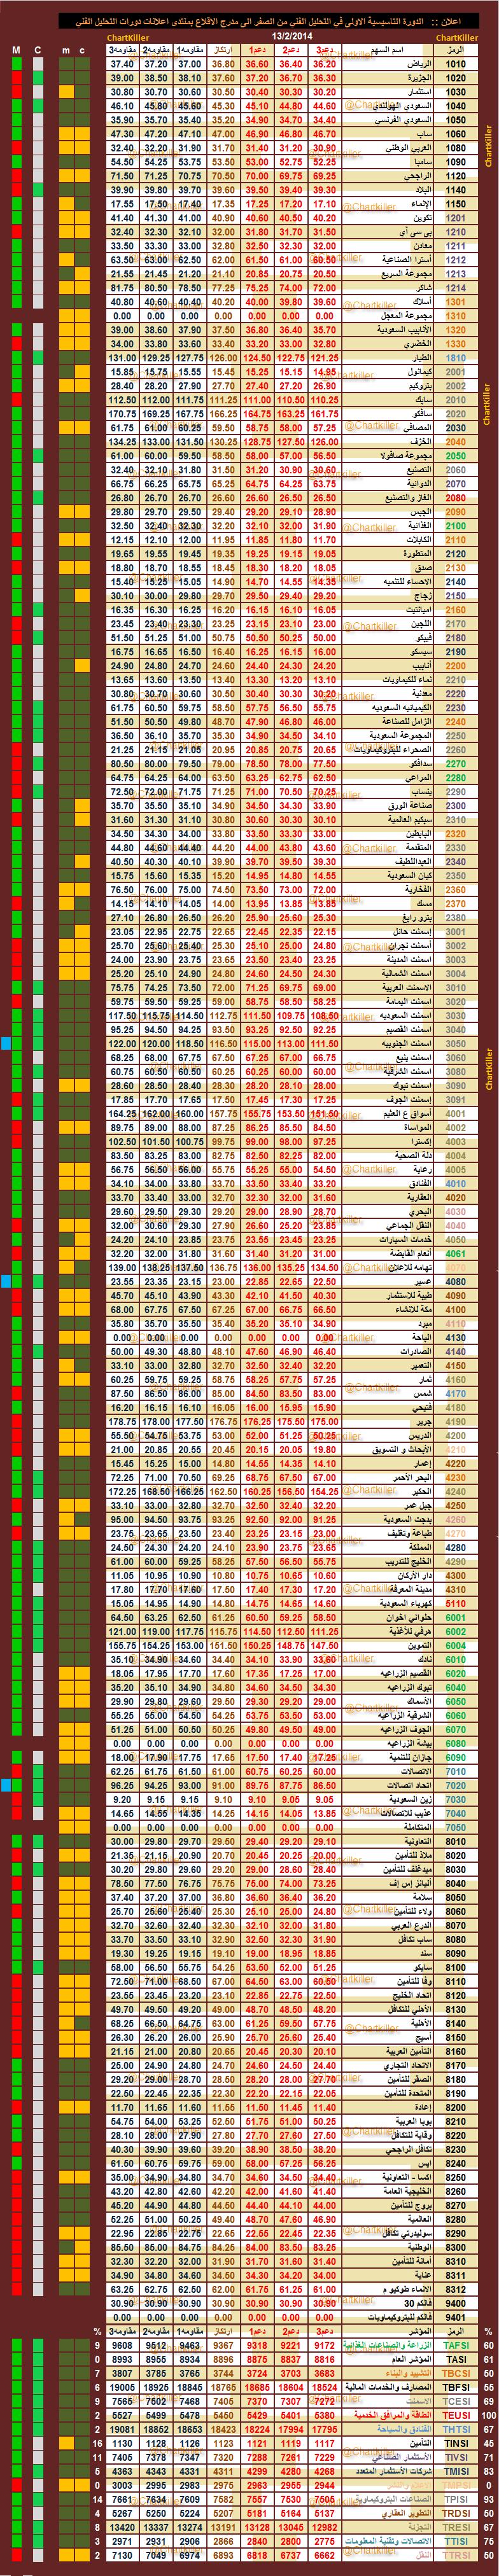 الدعم المقاومه ليوم  الخميس   13-2-2014  ::   السوق  السعودي 569083146